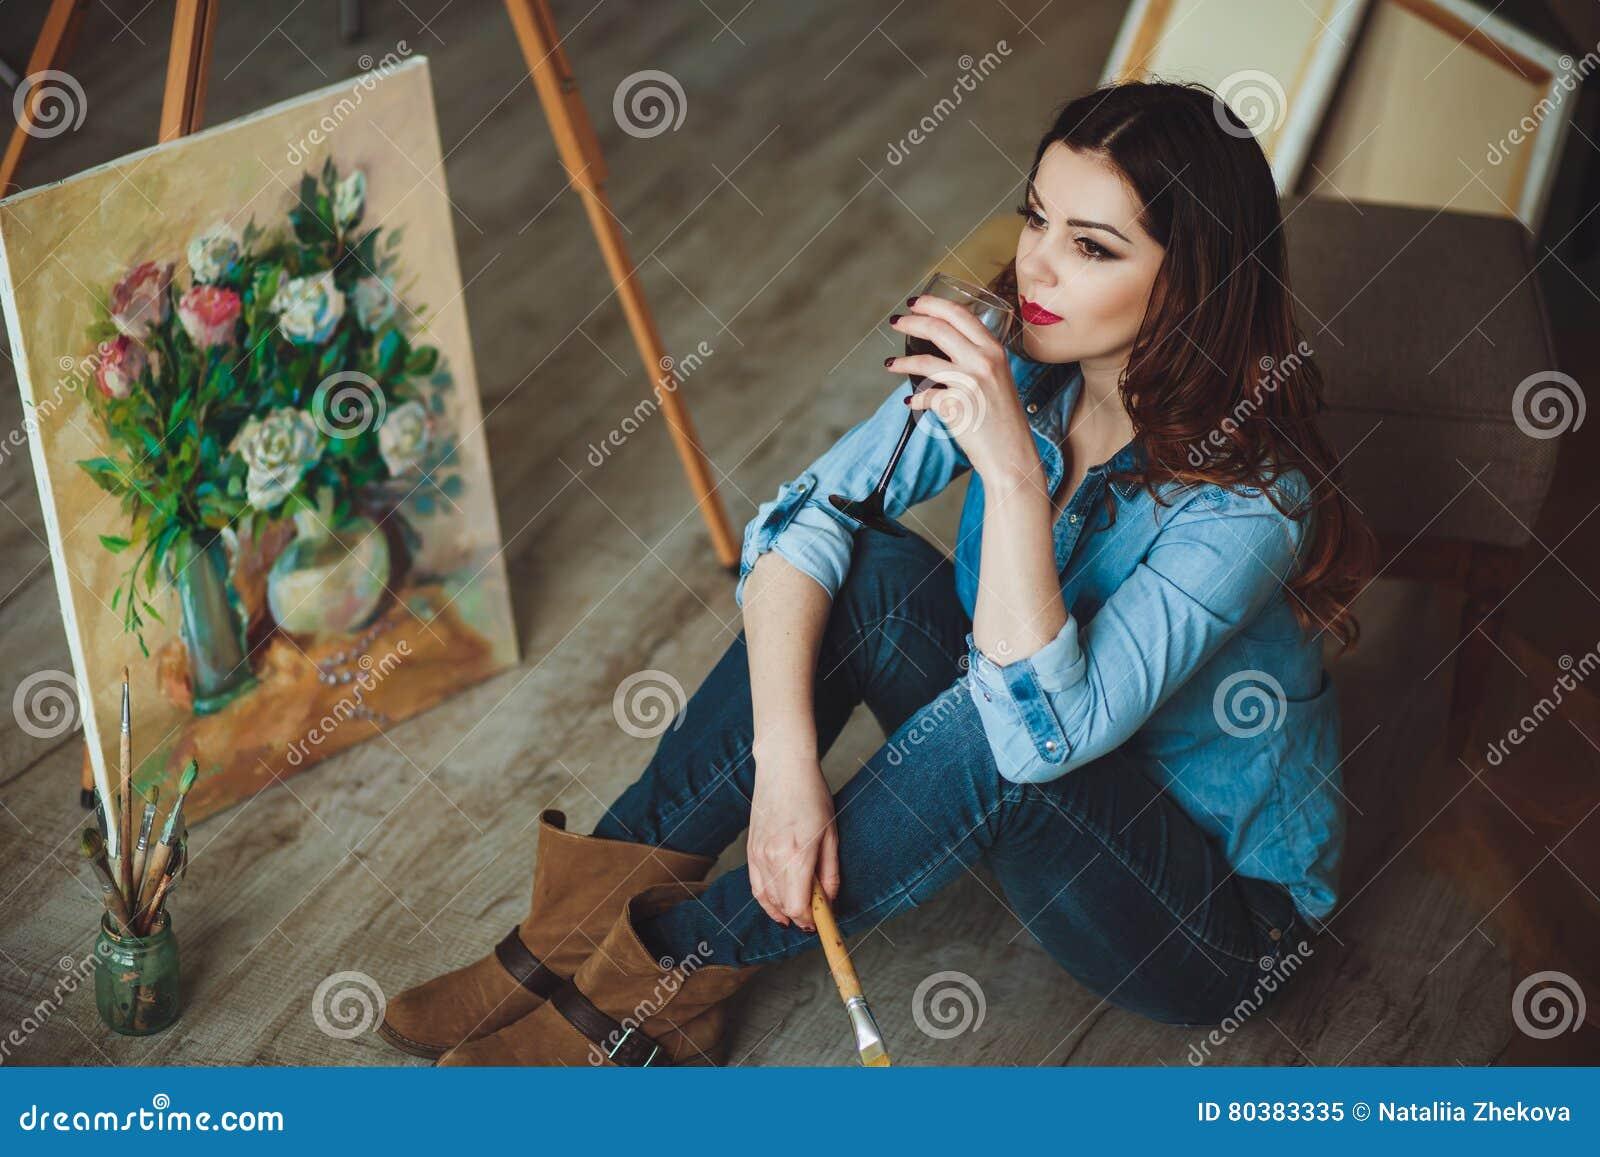 Künstlerin, die ein Bild in einem Studio malt